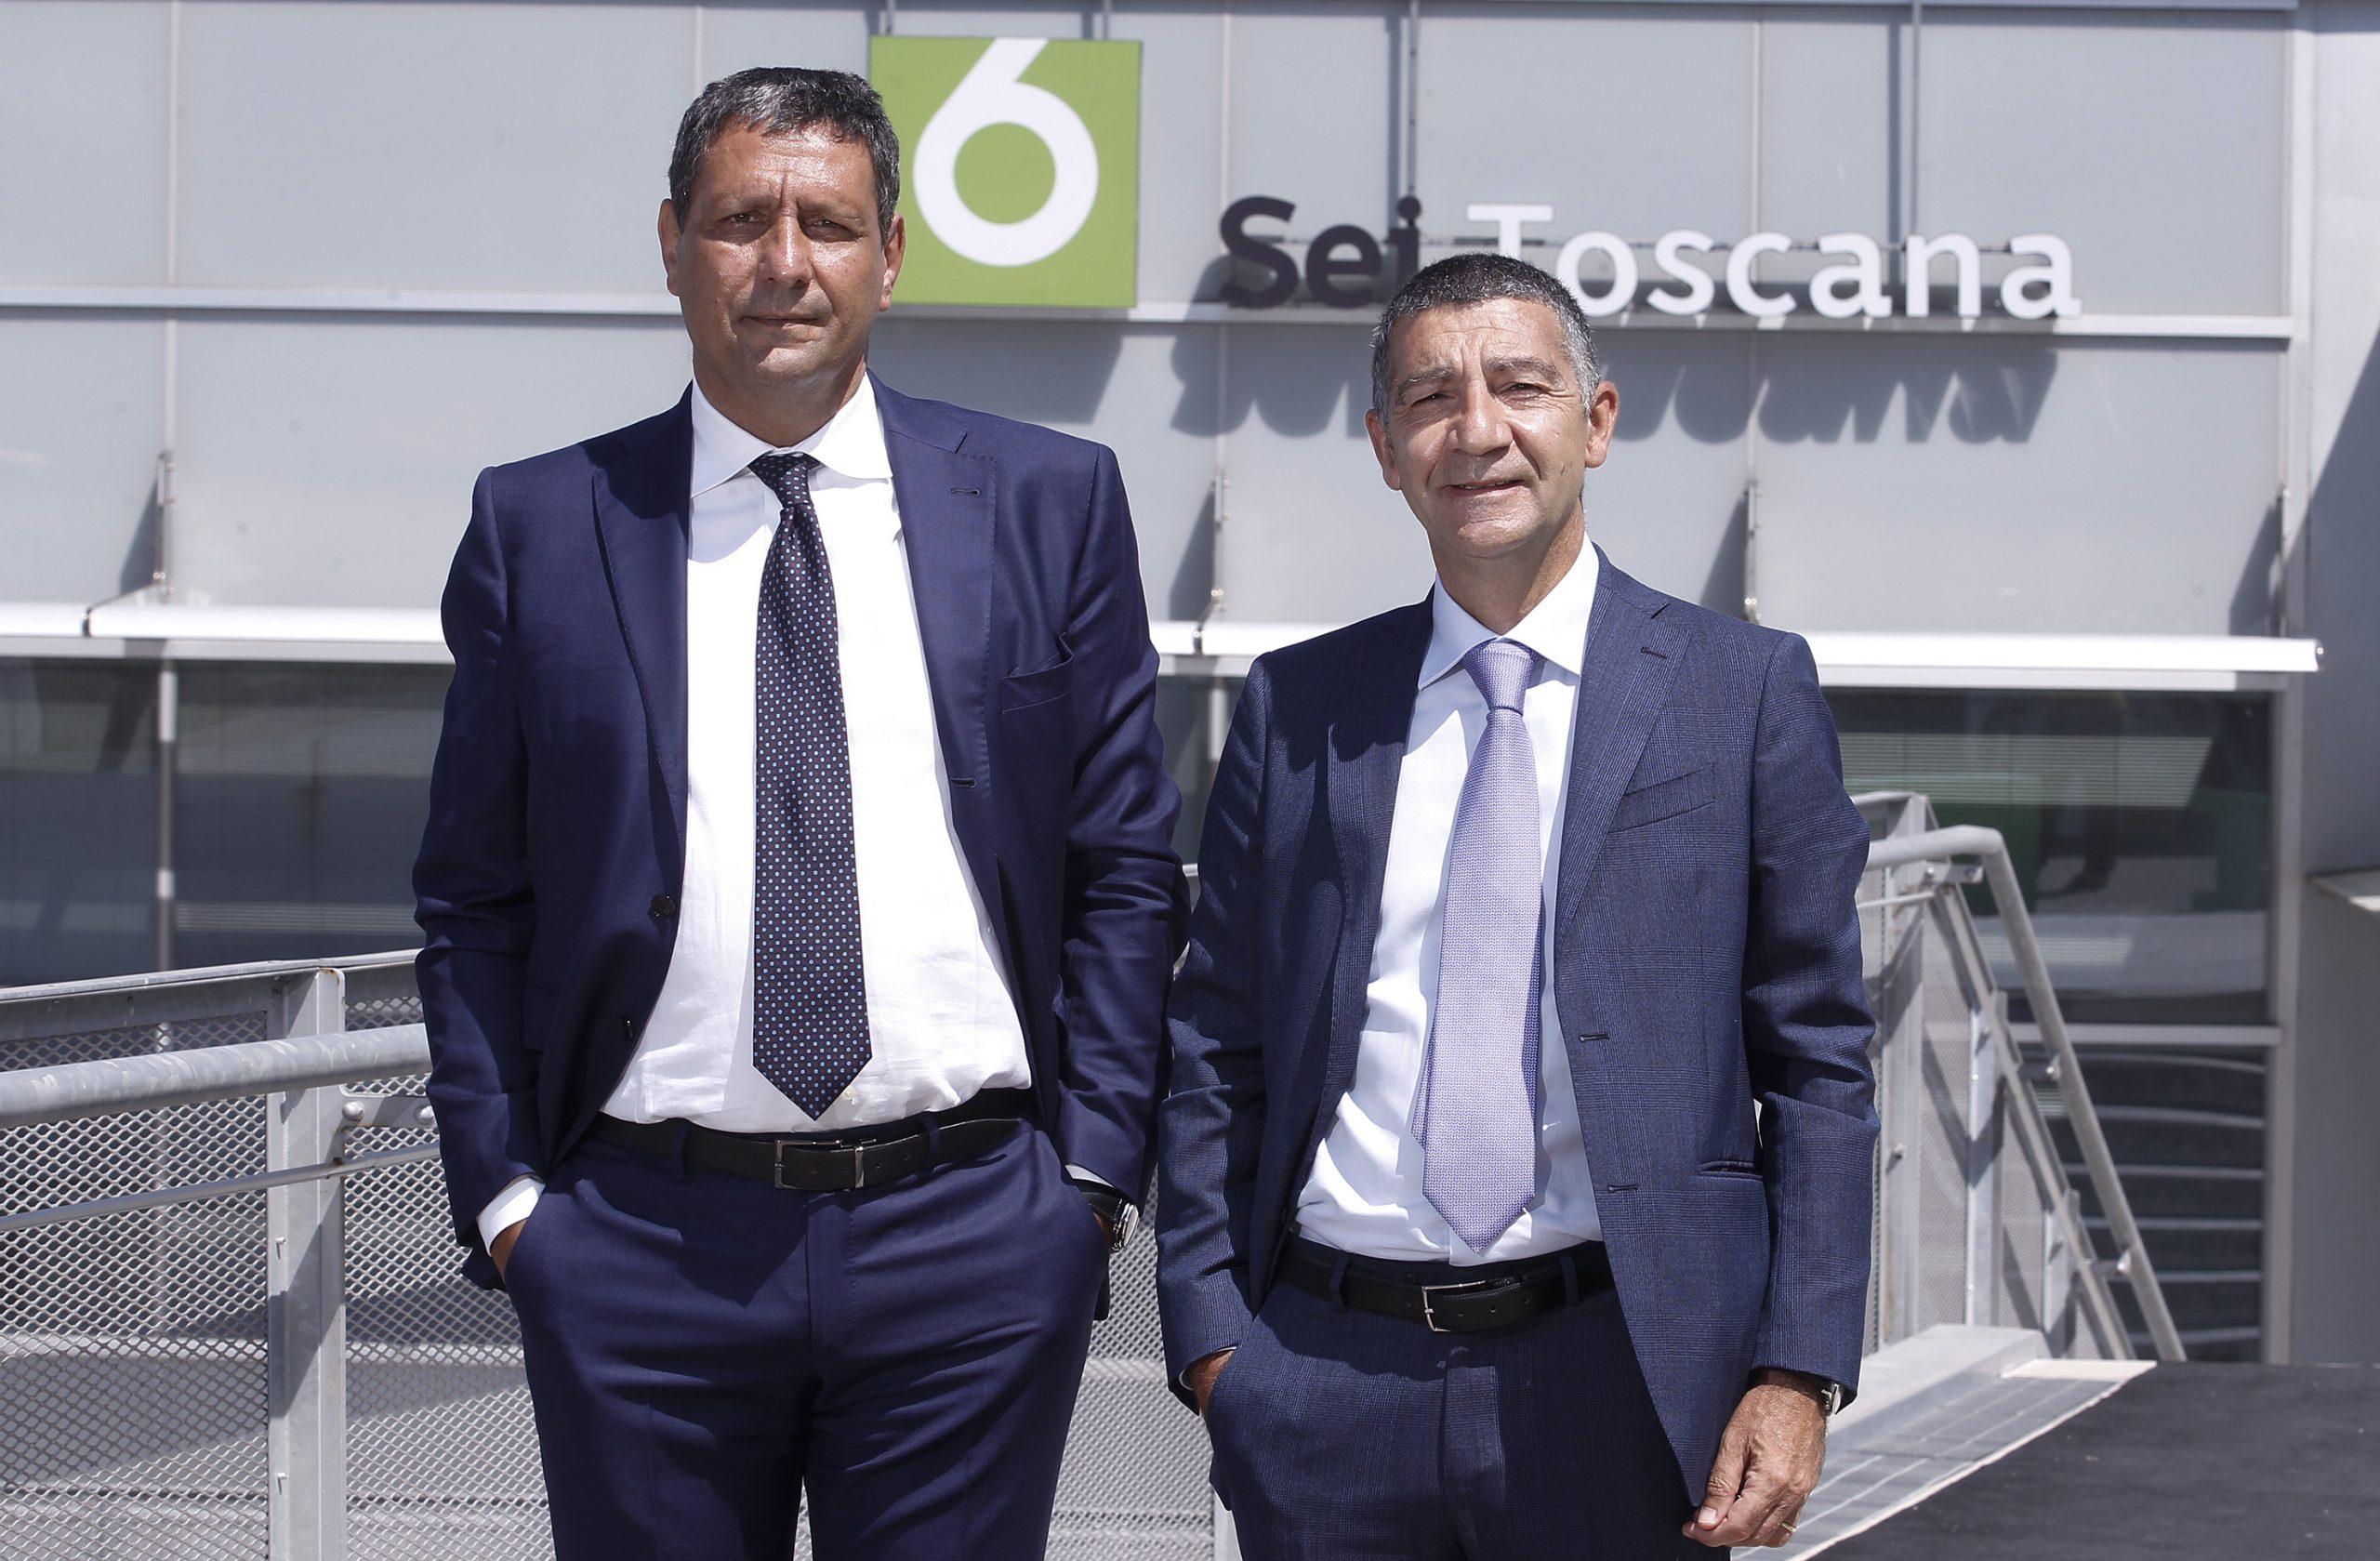 SeiToscana_Alessandro_Fabbrini_presidente_Salvatore_Cappello_Ad